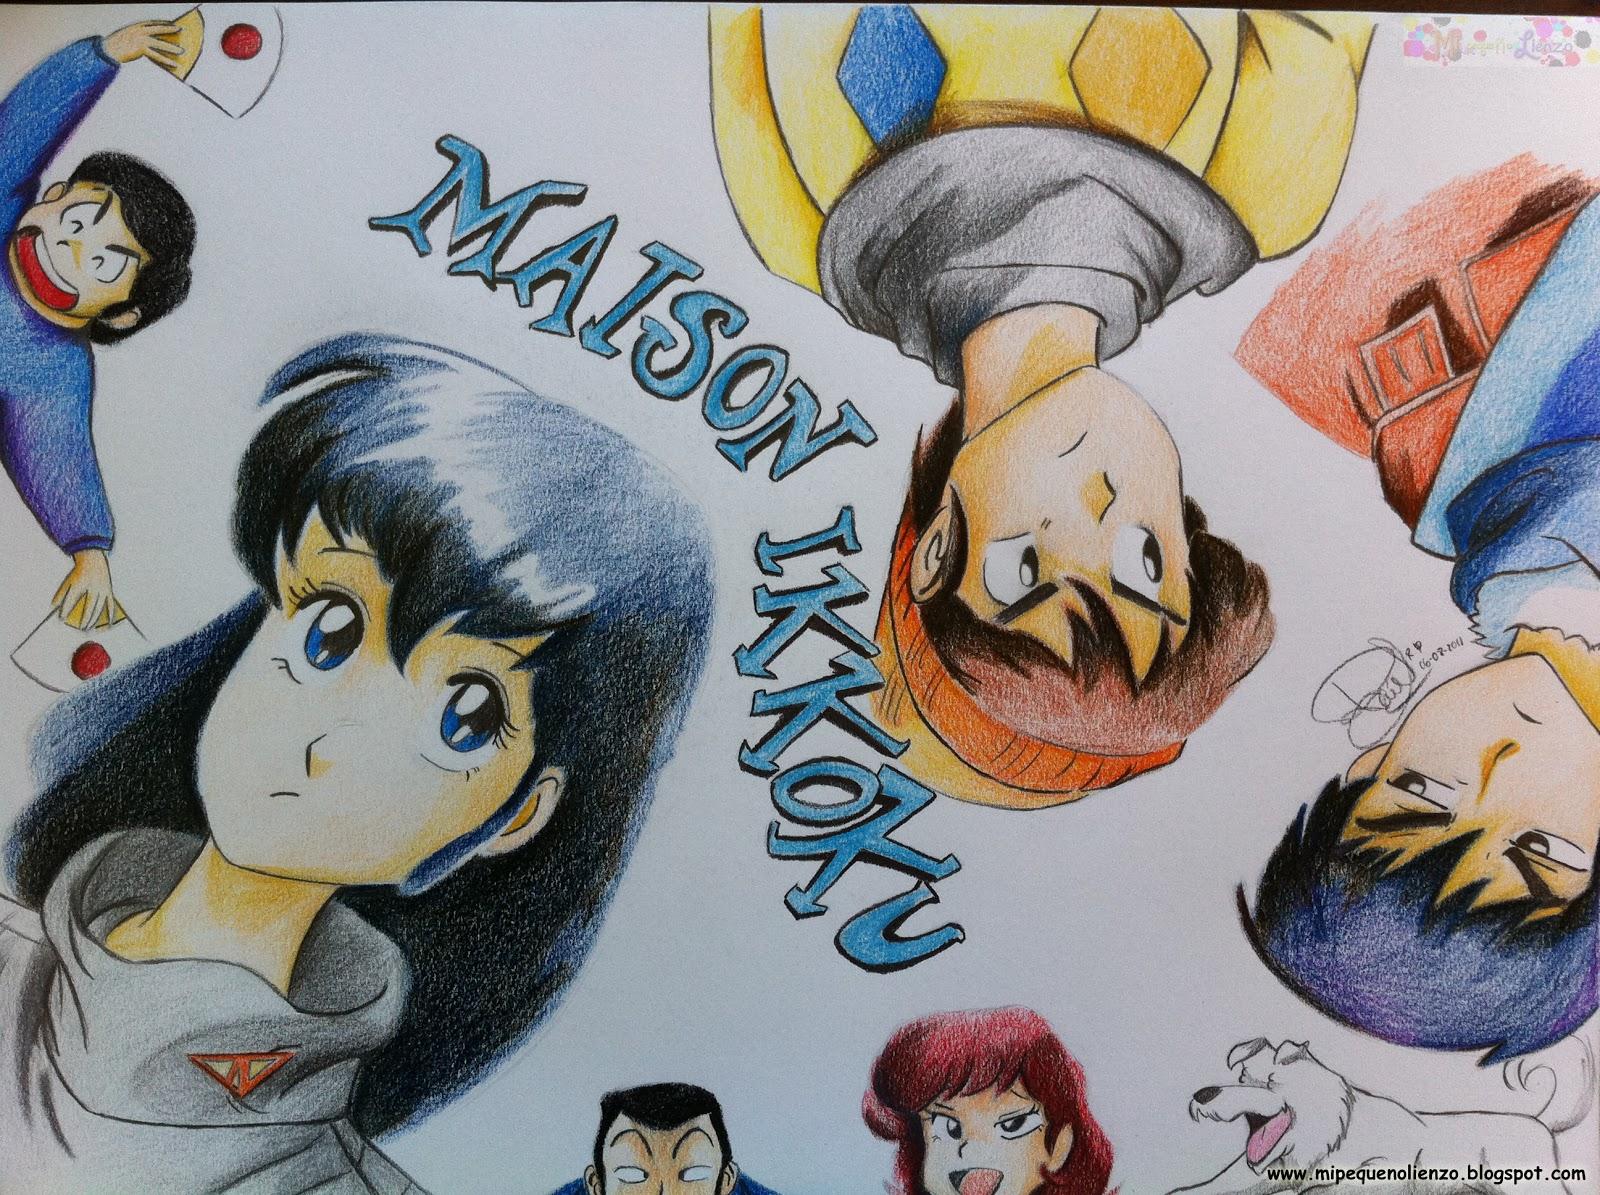 Mi peque o lienzo maison ikkoku anime for Anime maison ikkoku